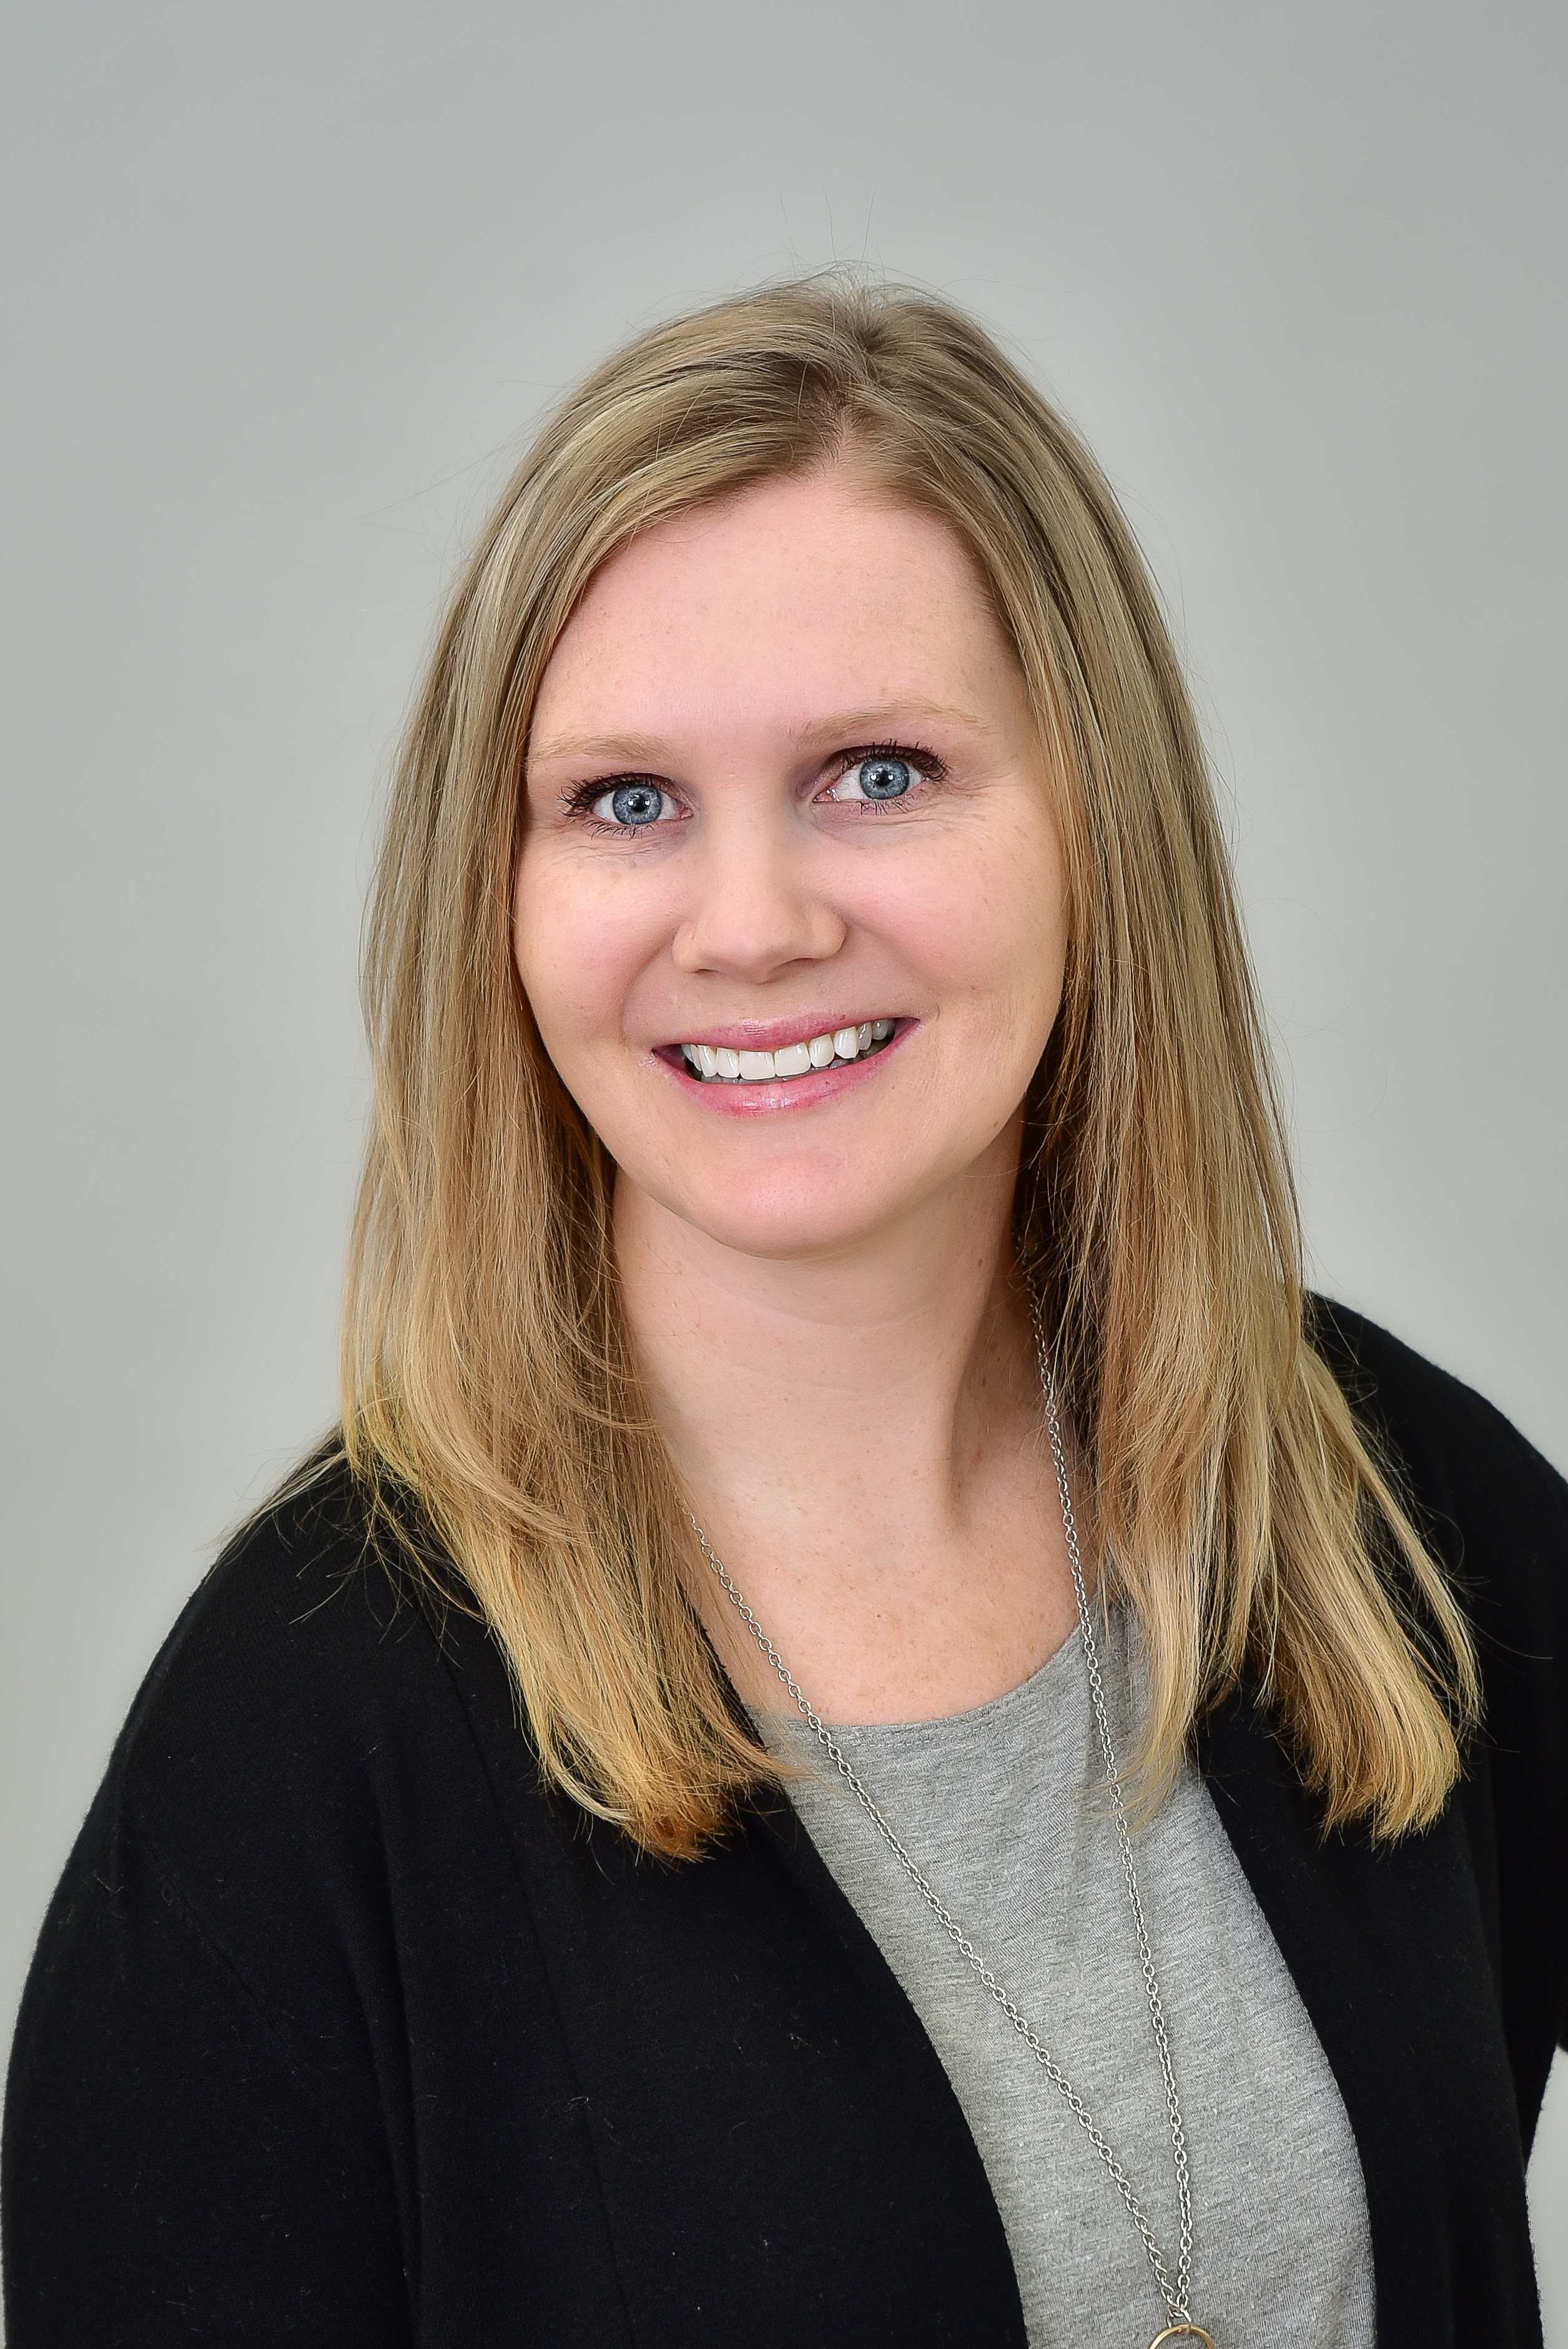 Jenni Larson